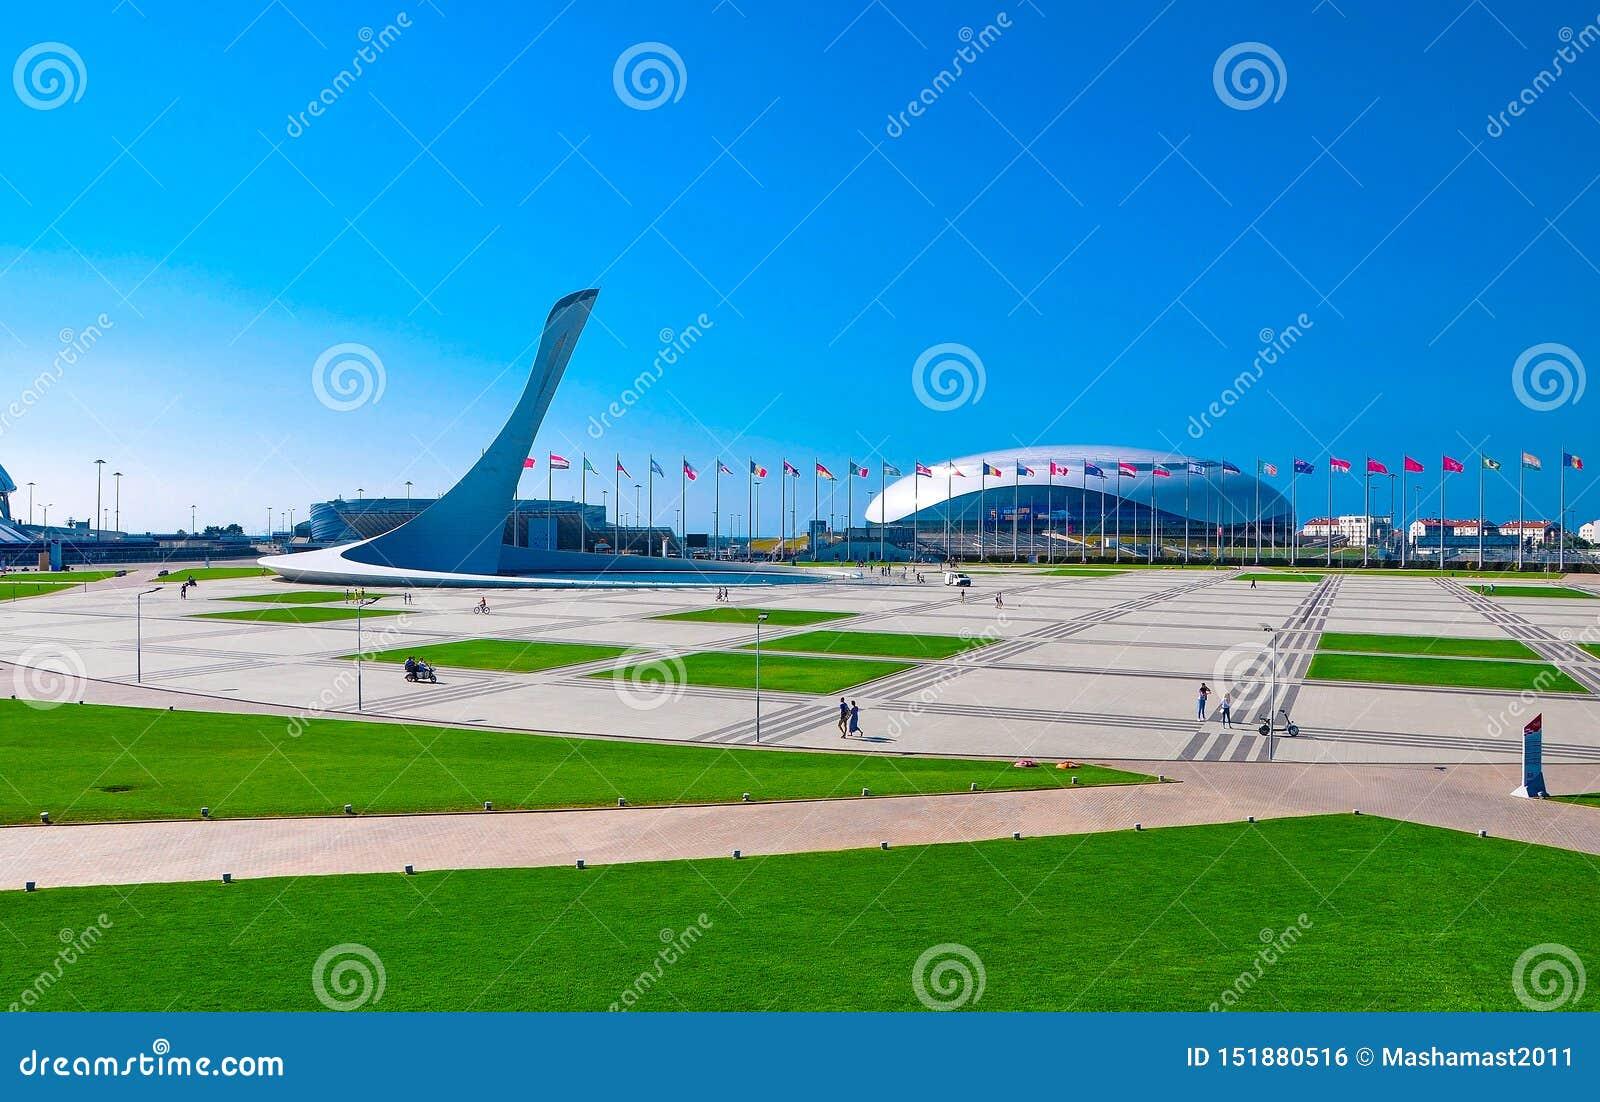 俄罗斯,索契- 10月14日2018体育场竞技场大在伊梅列季亚州手段